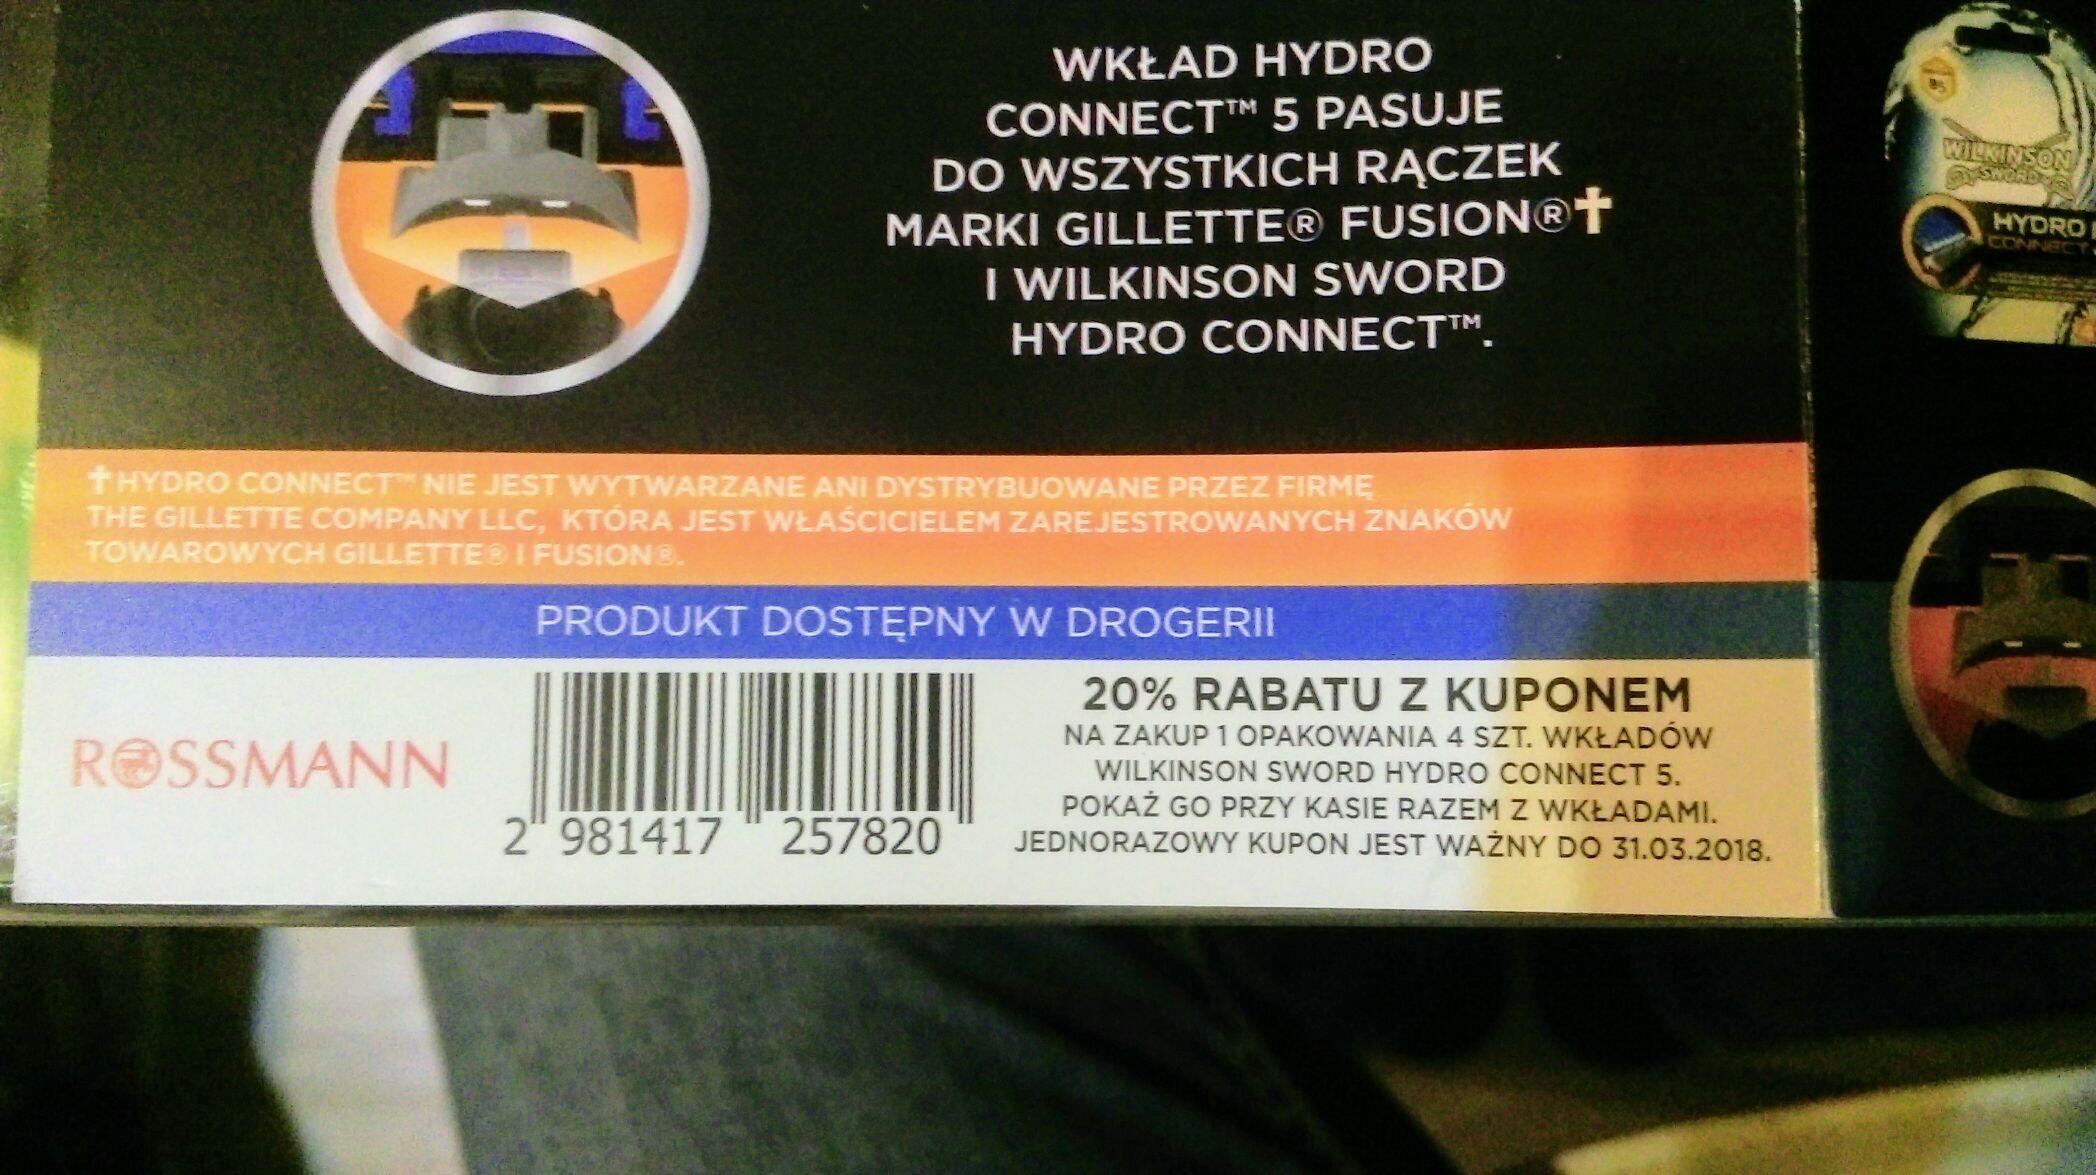 Rossman kupon znizkowy na zakup ostrzy wilkinson sword hydro connect 5